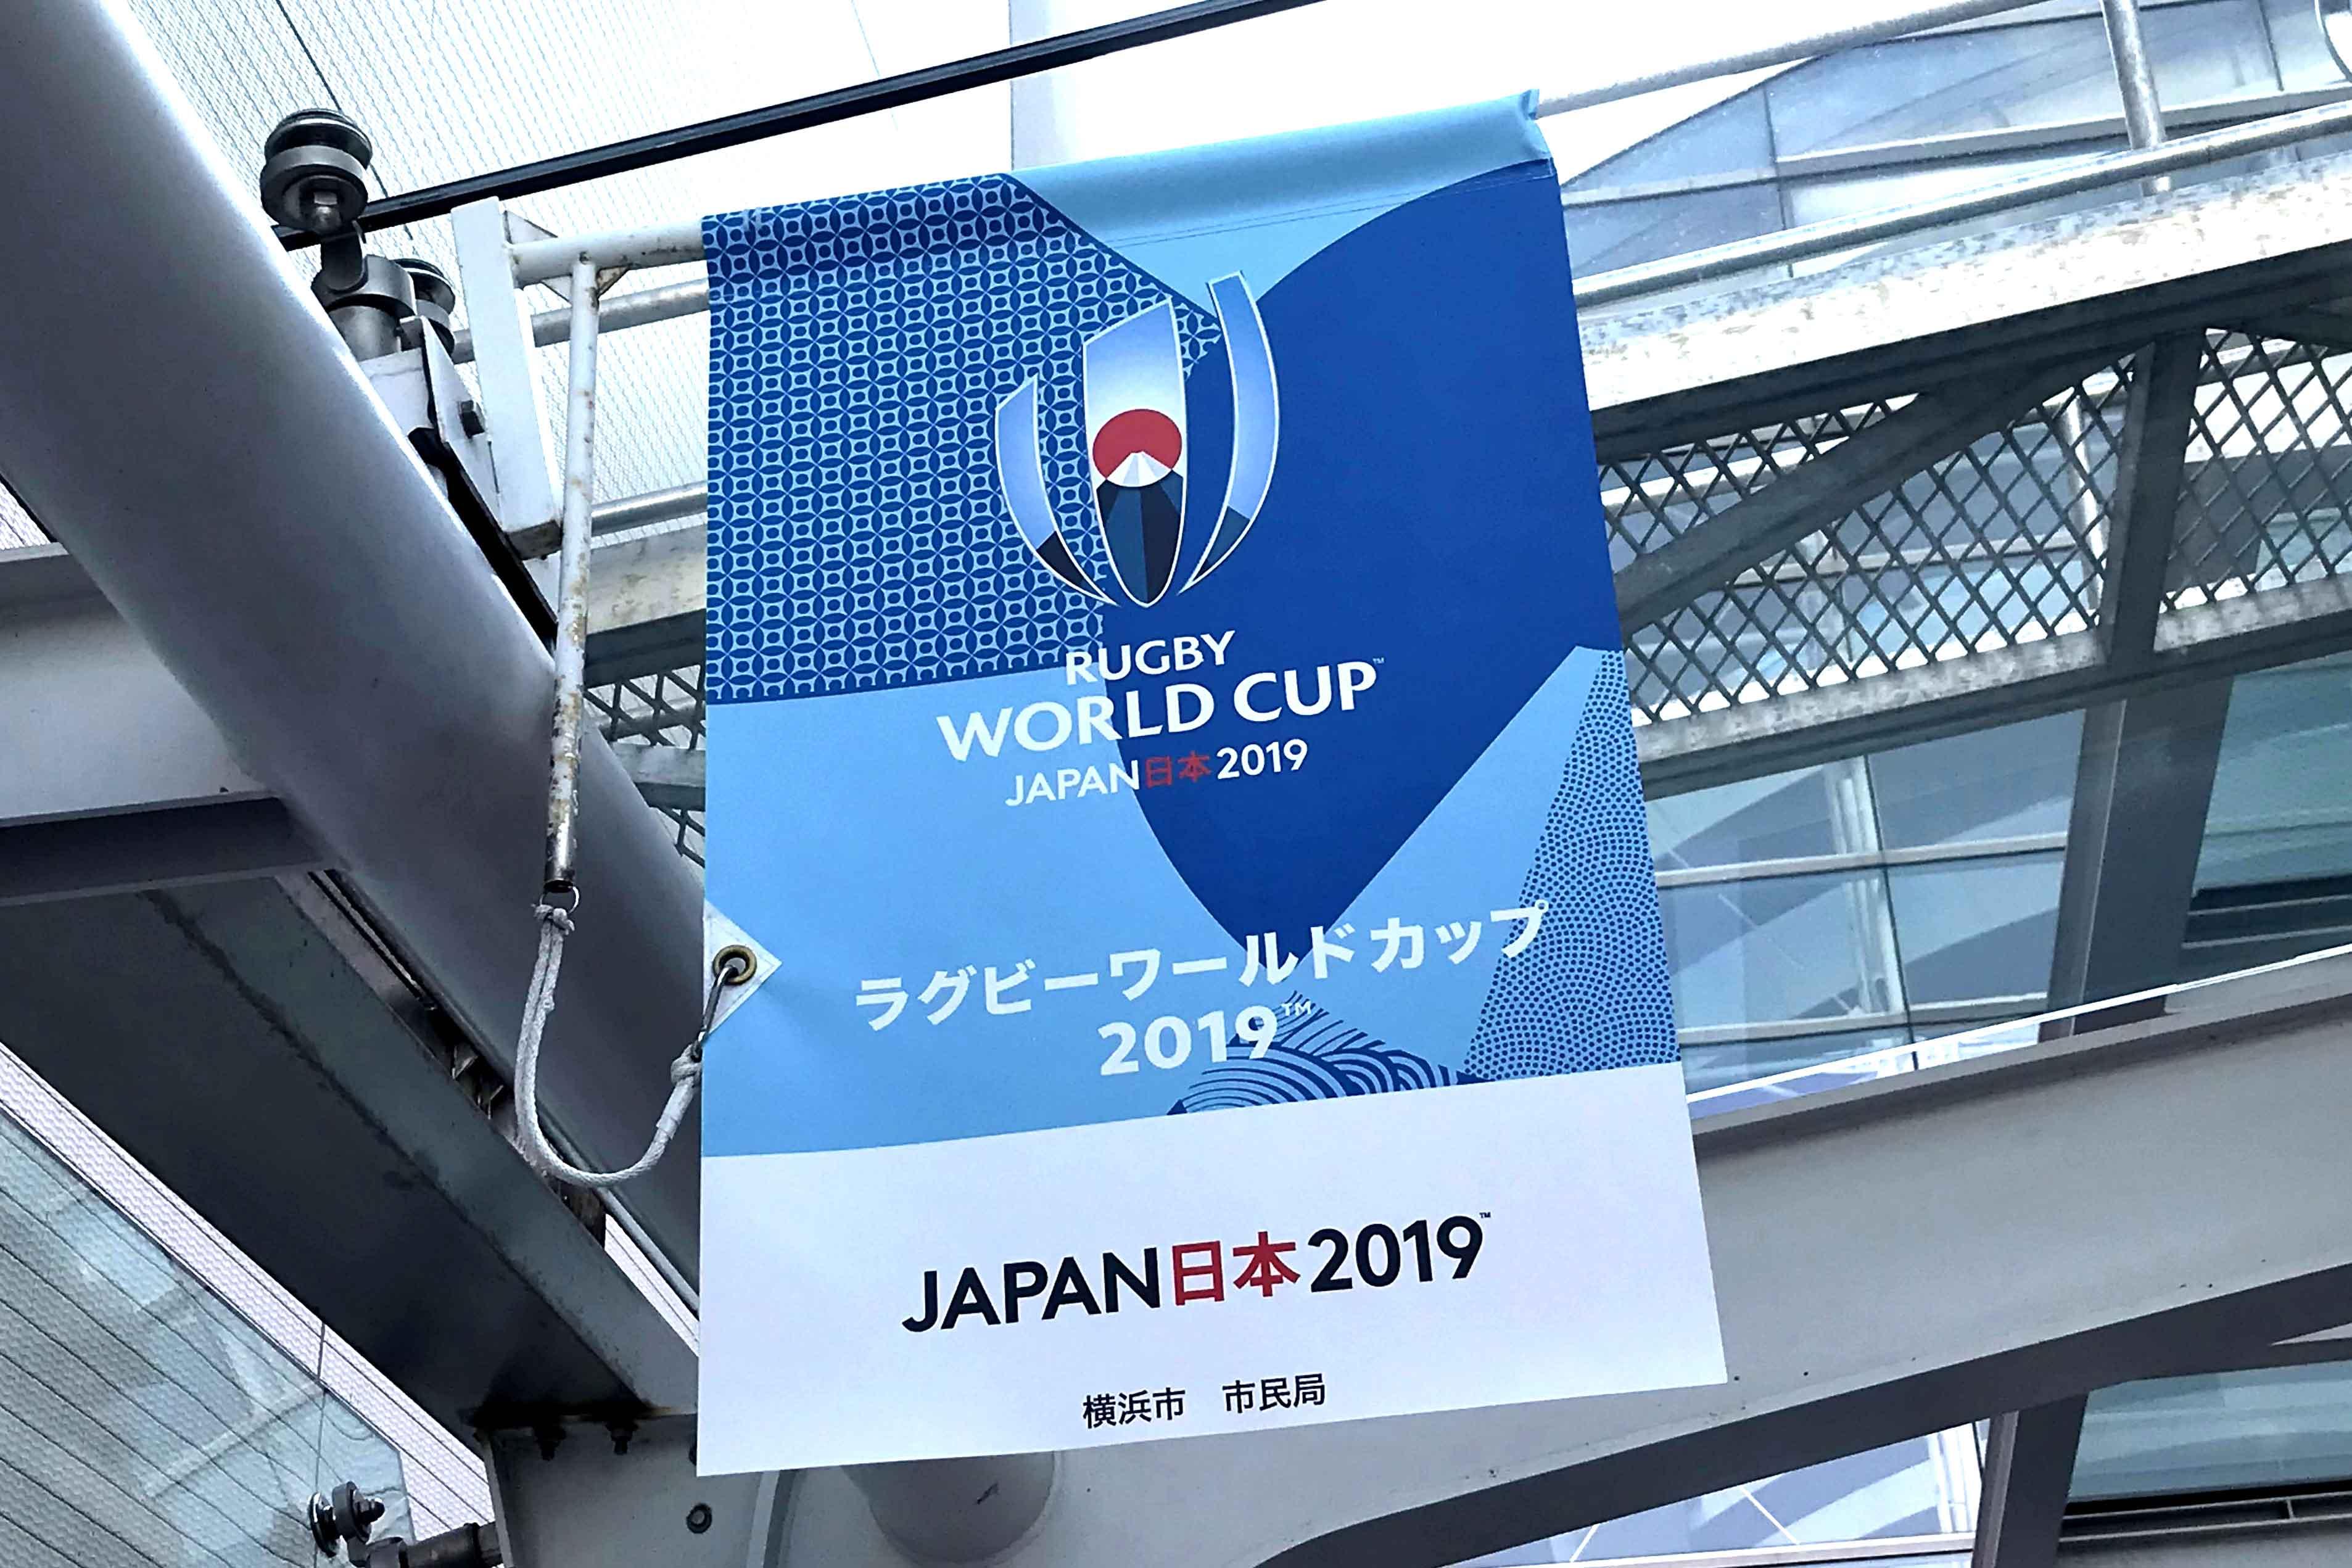 ラグビーワールドカップ